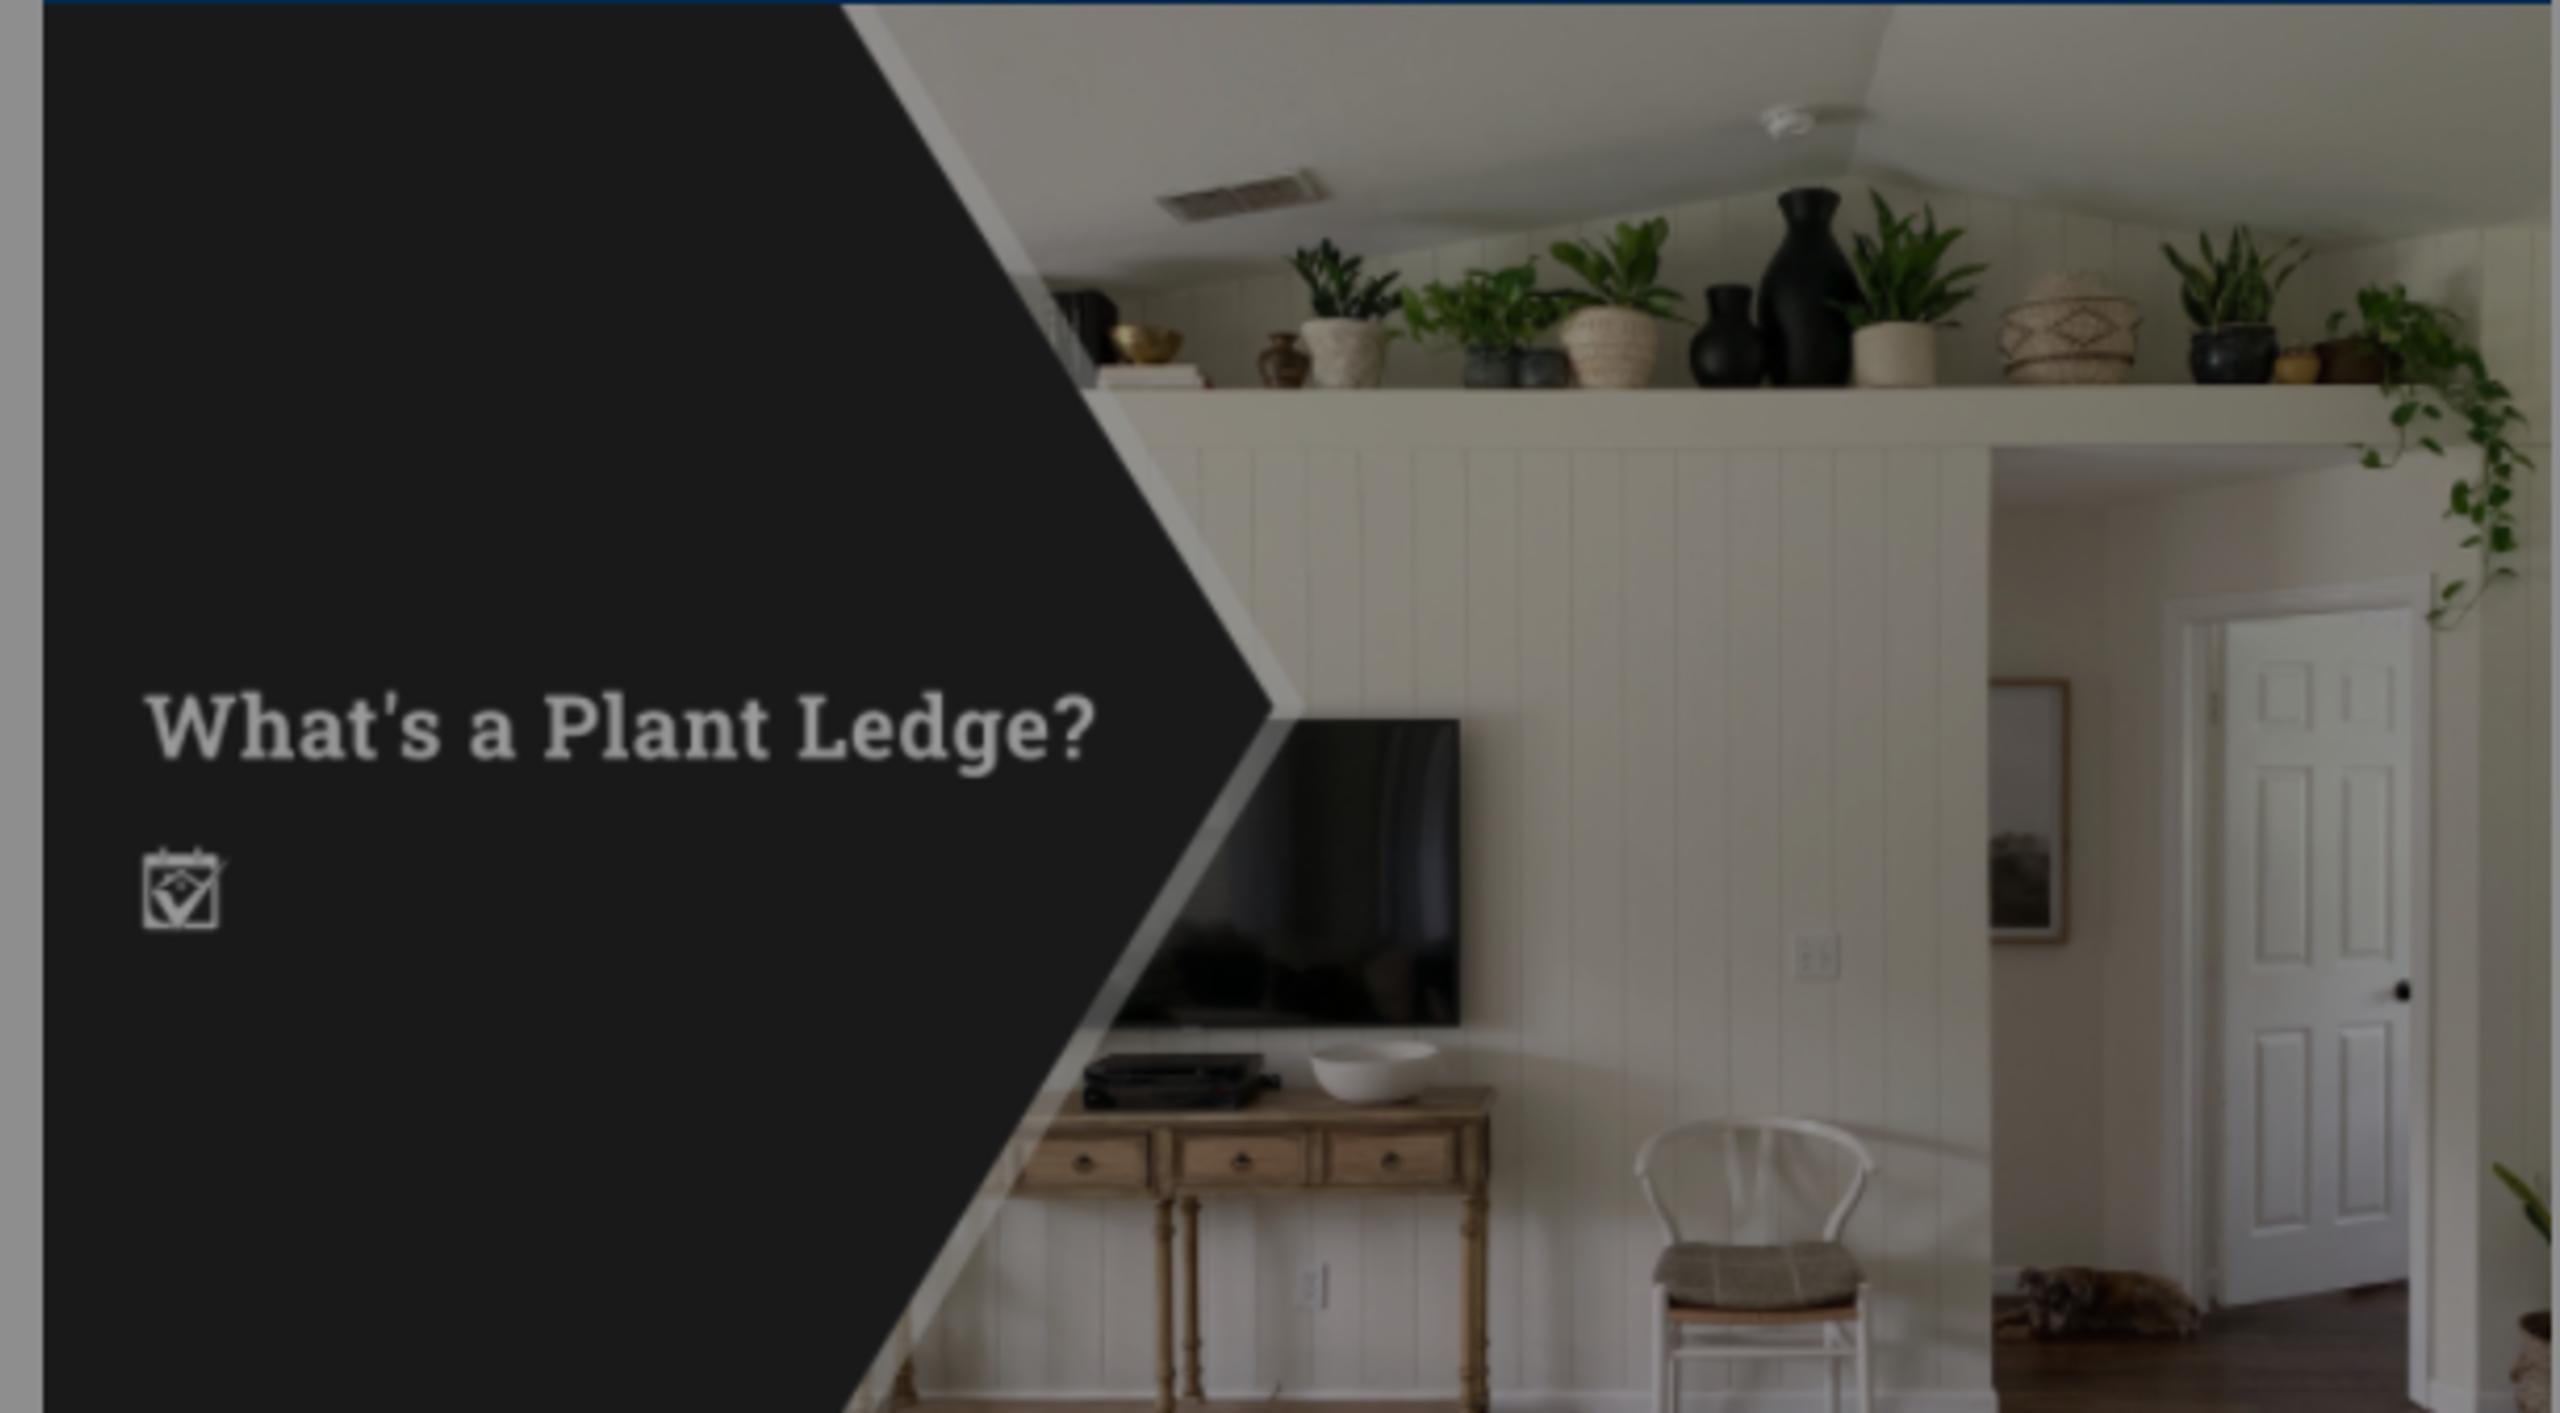 What's a Plant Ledge?